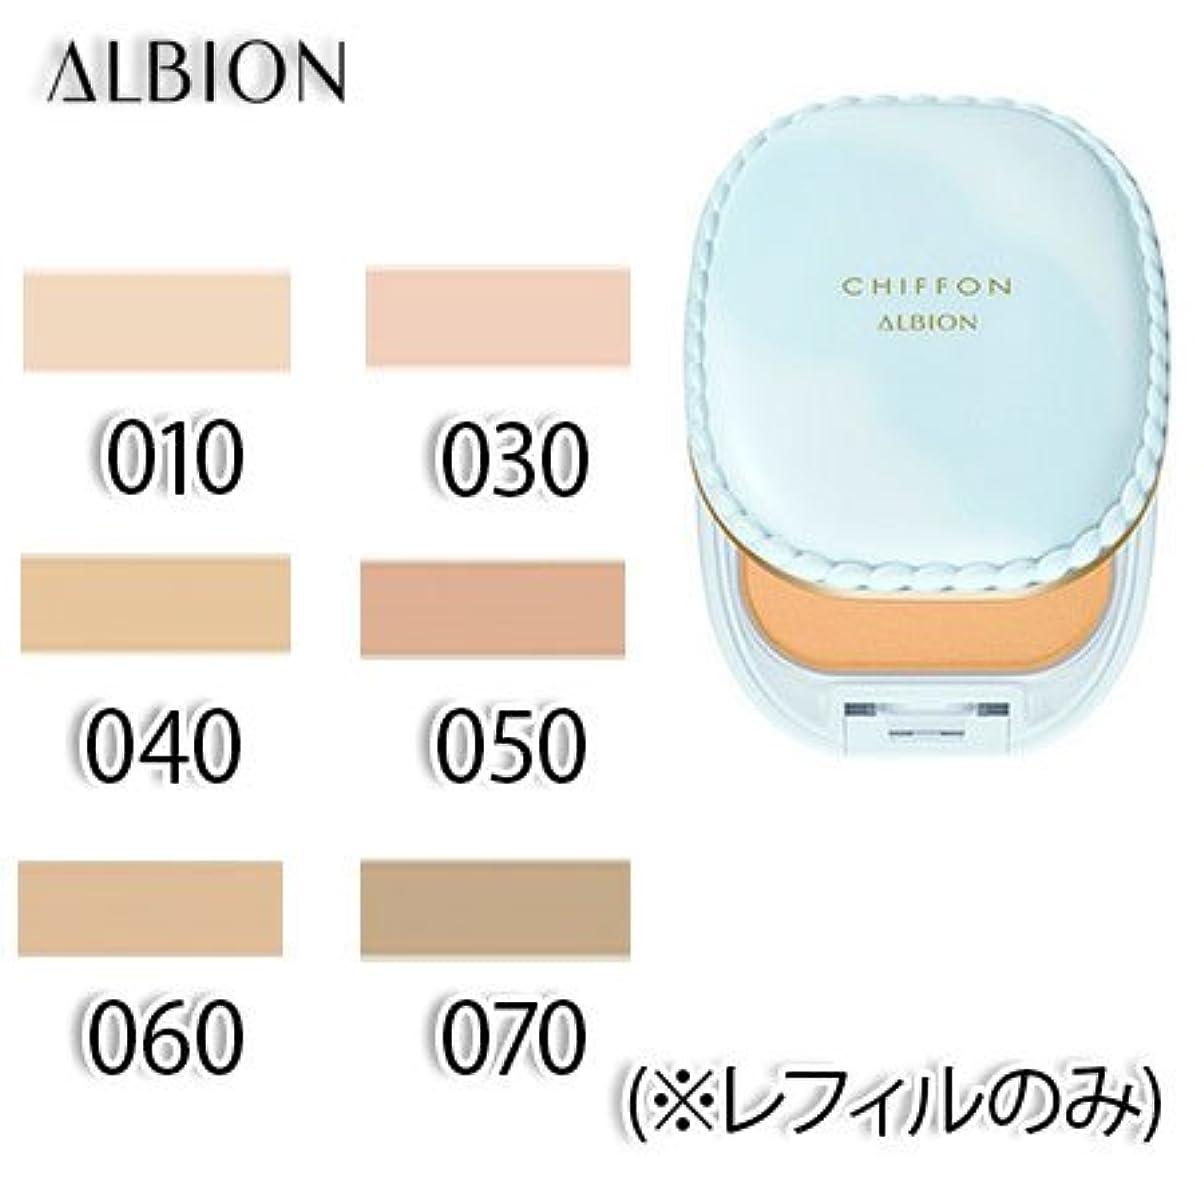 保証する時計熟したアルビオン スノー ホワイト シフォン 全6色 SPF25?PA++ 10g (レフィルのみ) -ALBION- 070